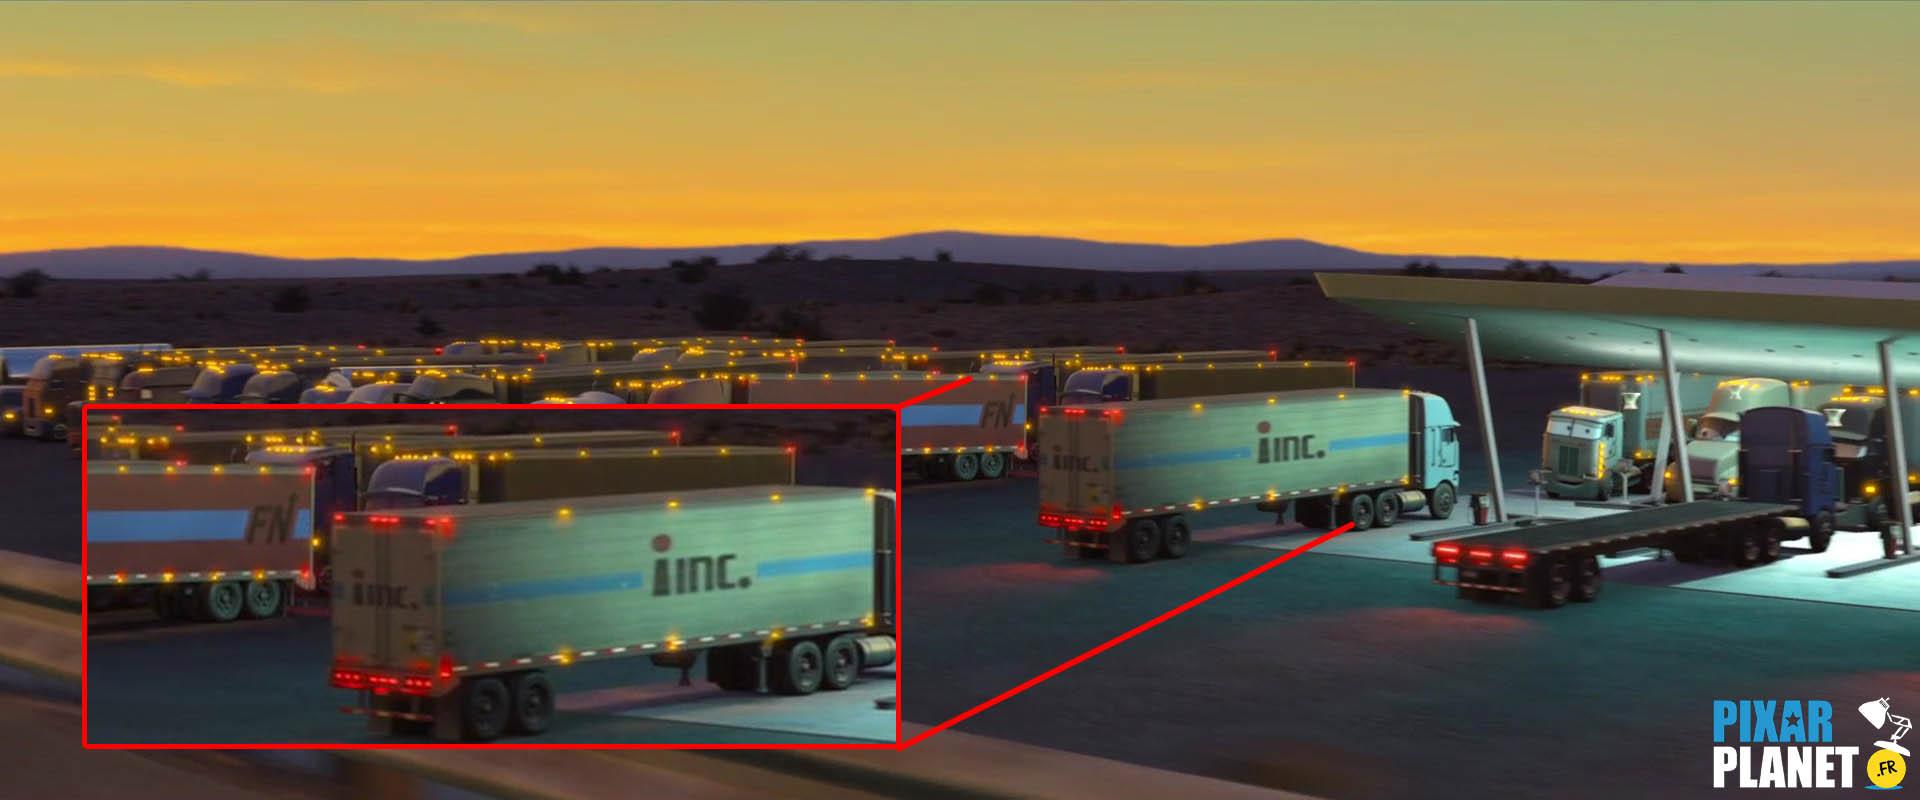 """Les clins d'oeil dans """"Cars""""    Pixar-Planet Fr"""